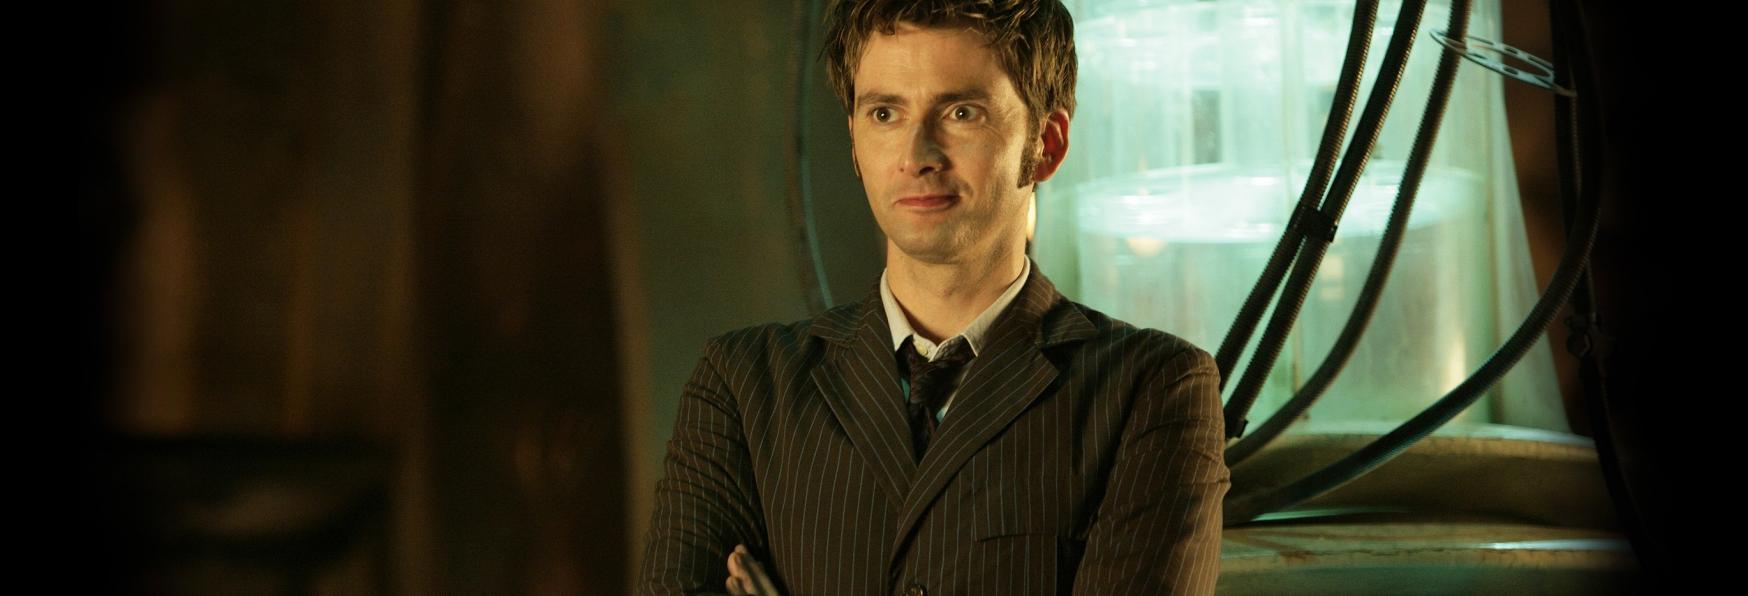 Doctor Who: David Tennant tornerebbe anche Subito nei panni del Dottore